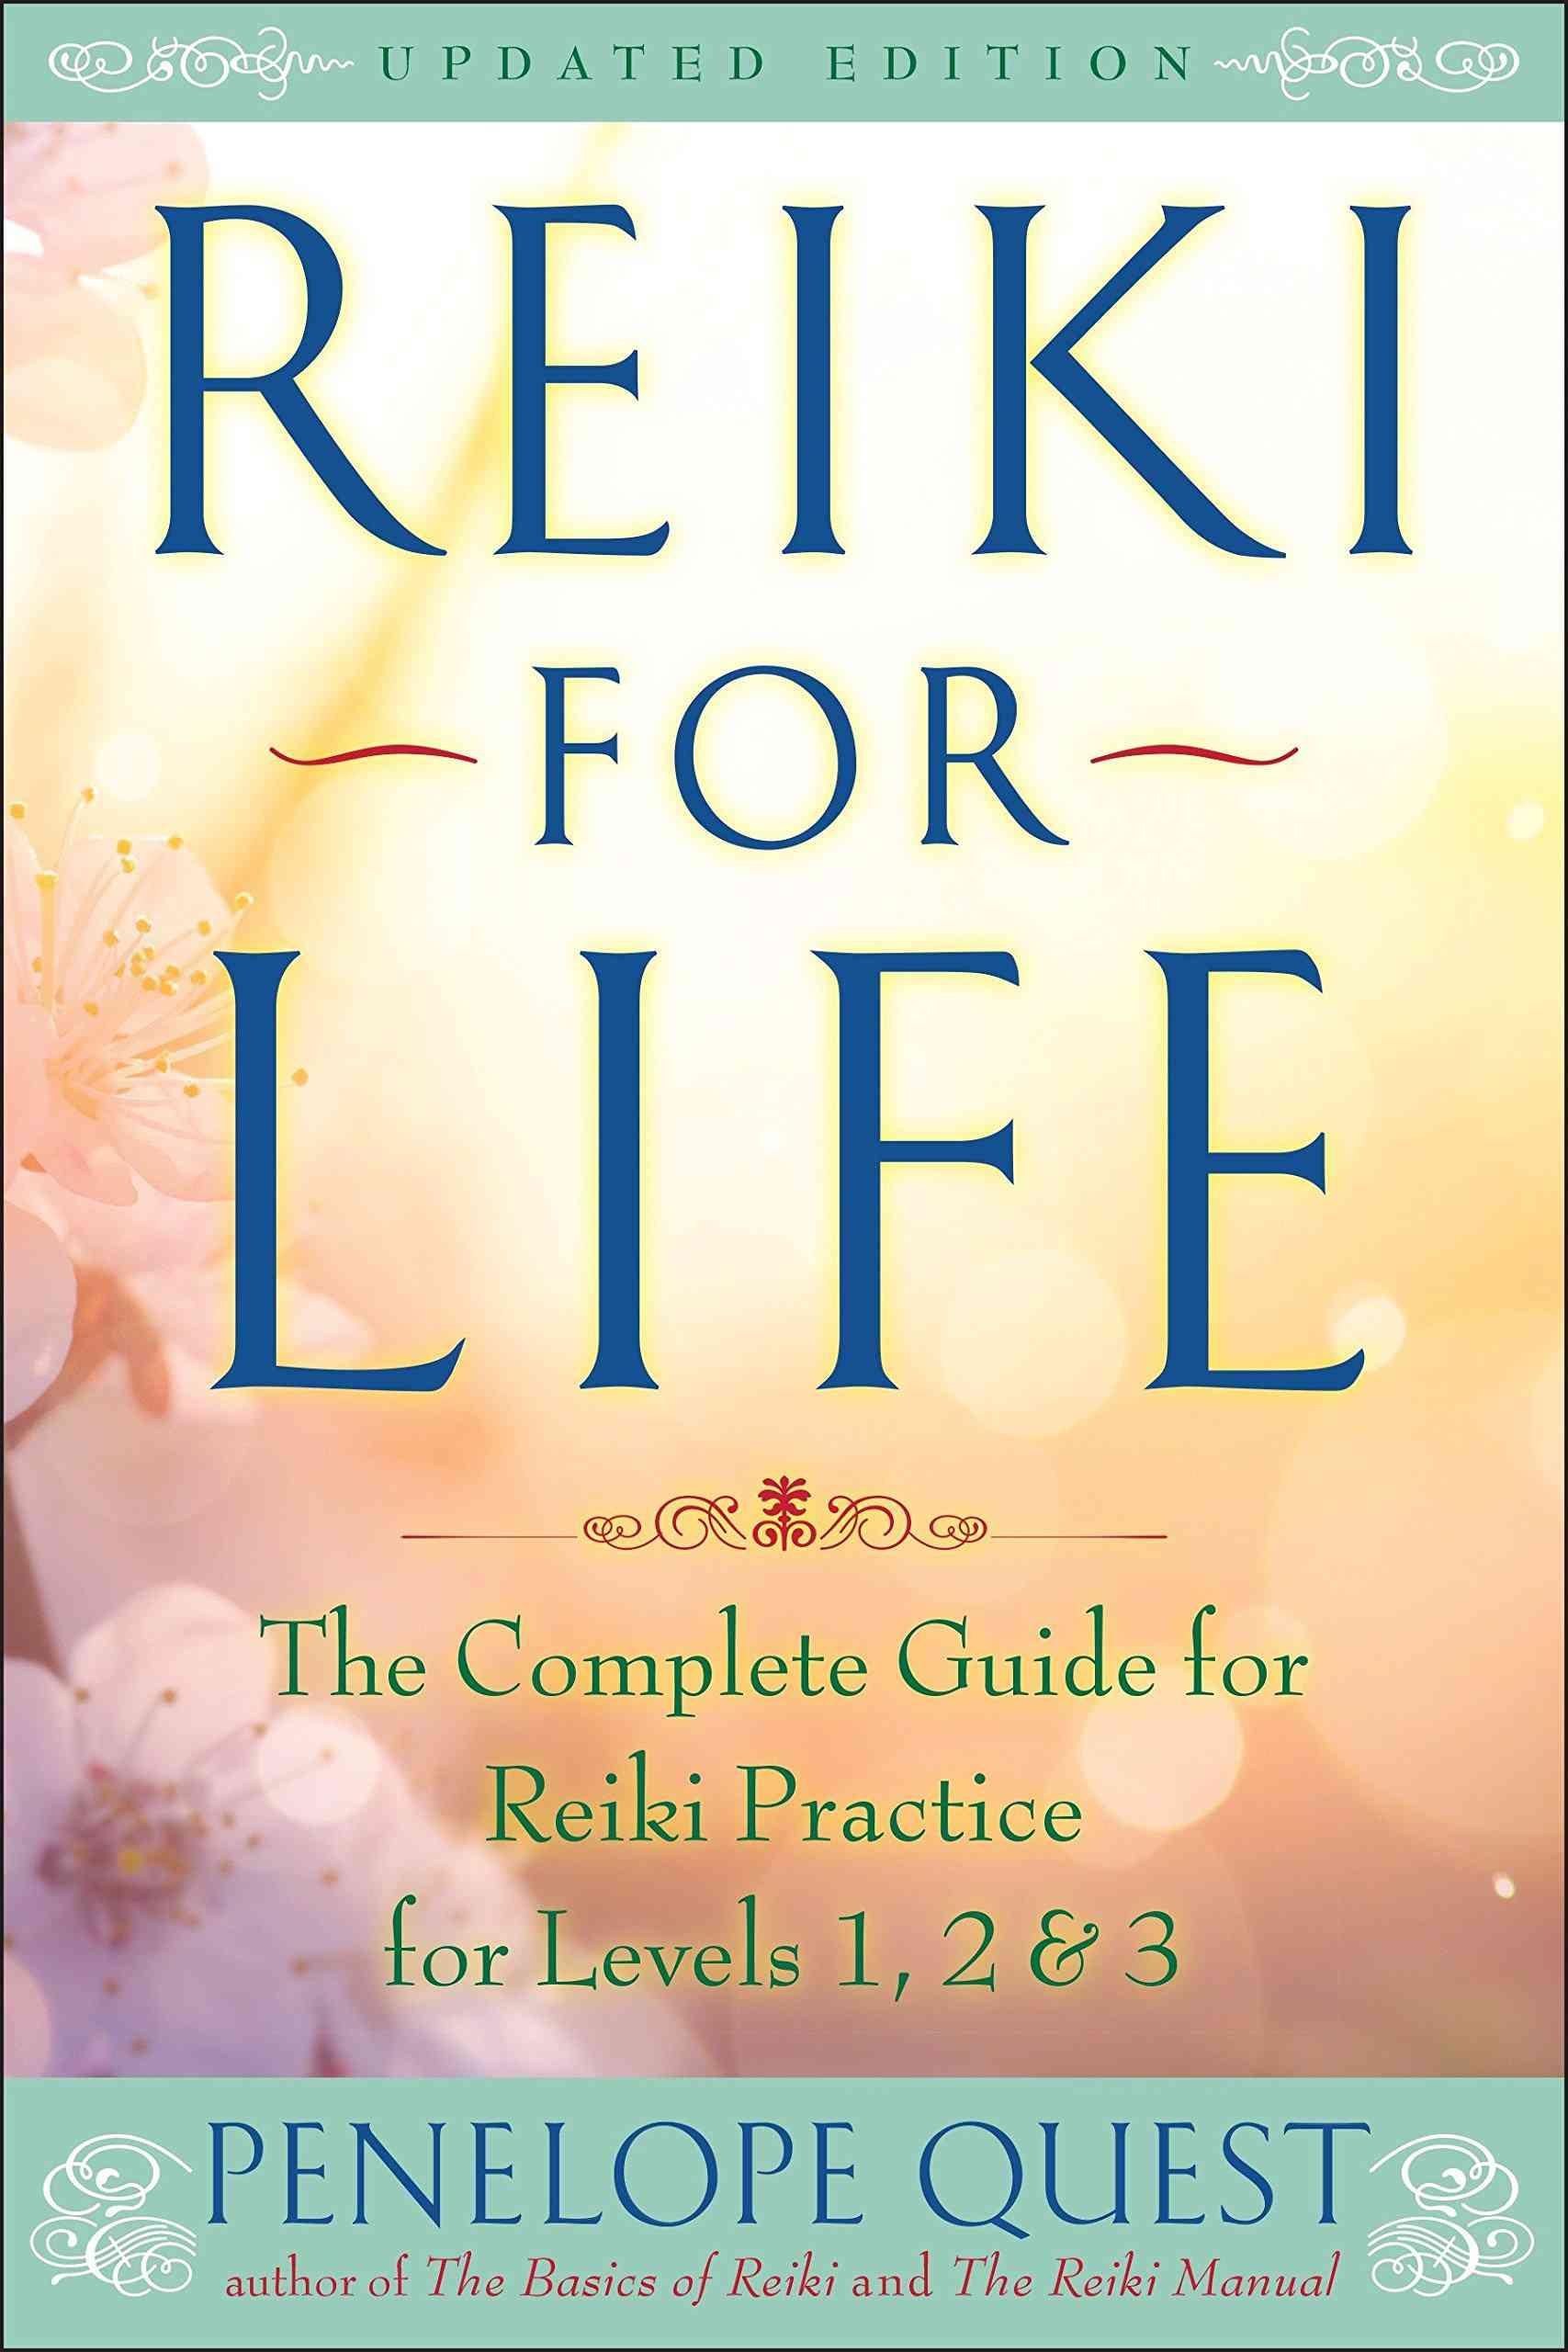 Reiki for Life Book